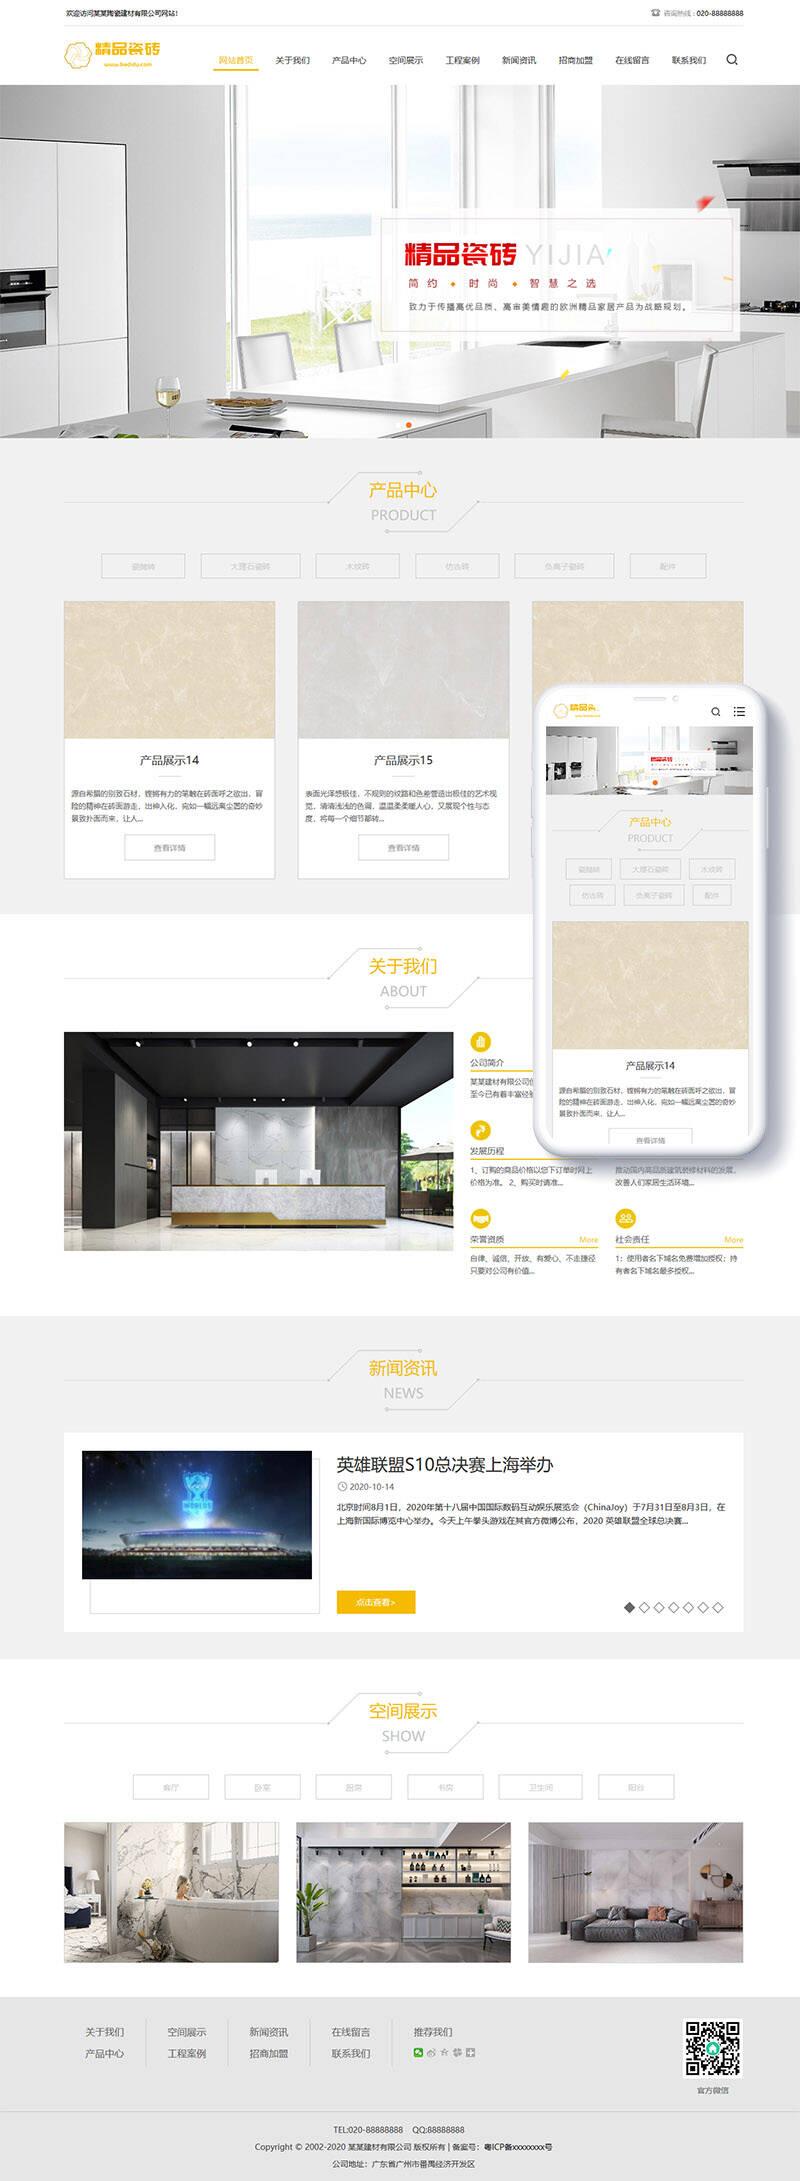 织梦响应式瓷砖大理石建材类网站织梦模板(自适应手机端)